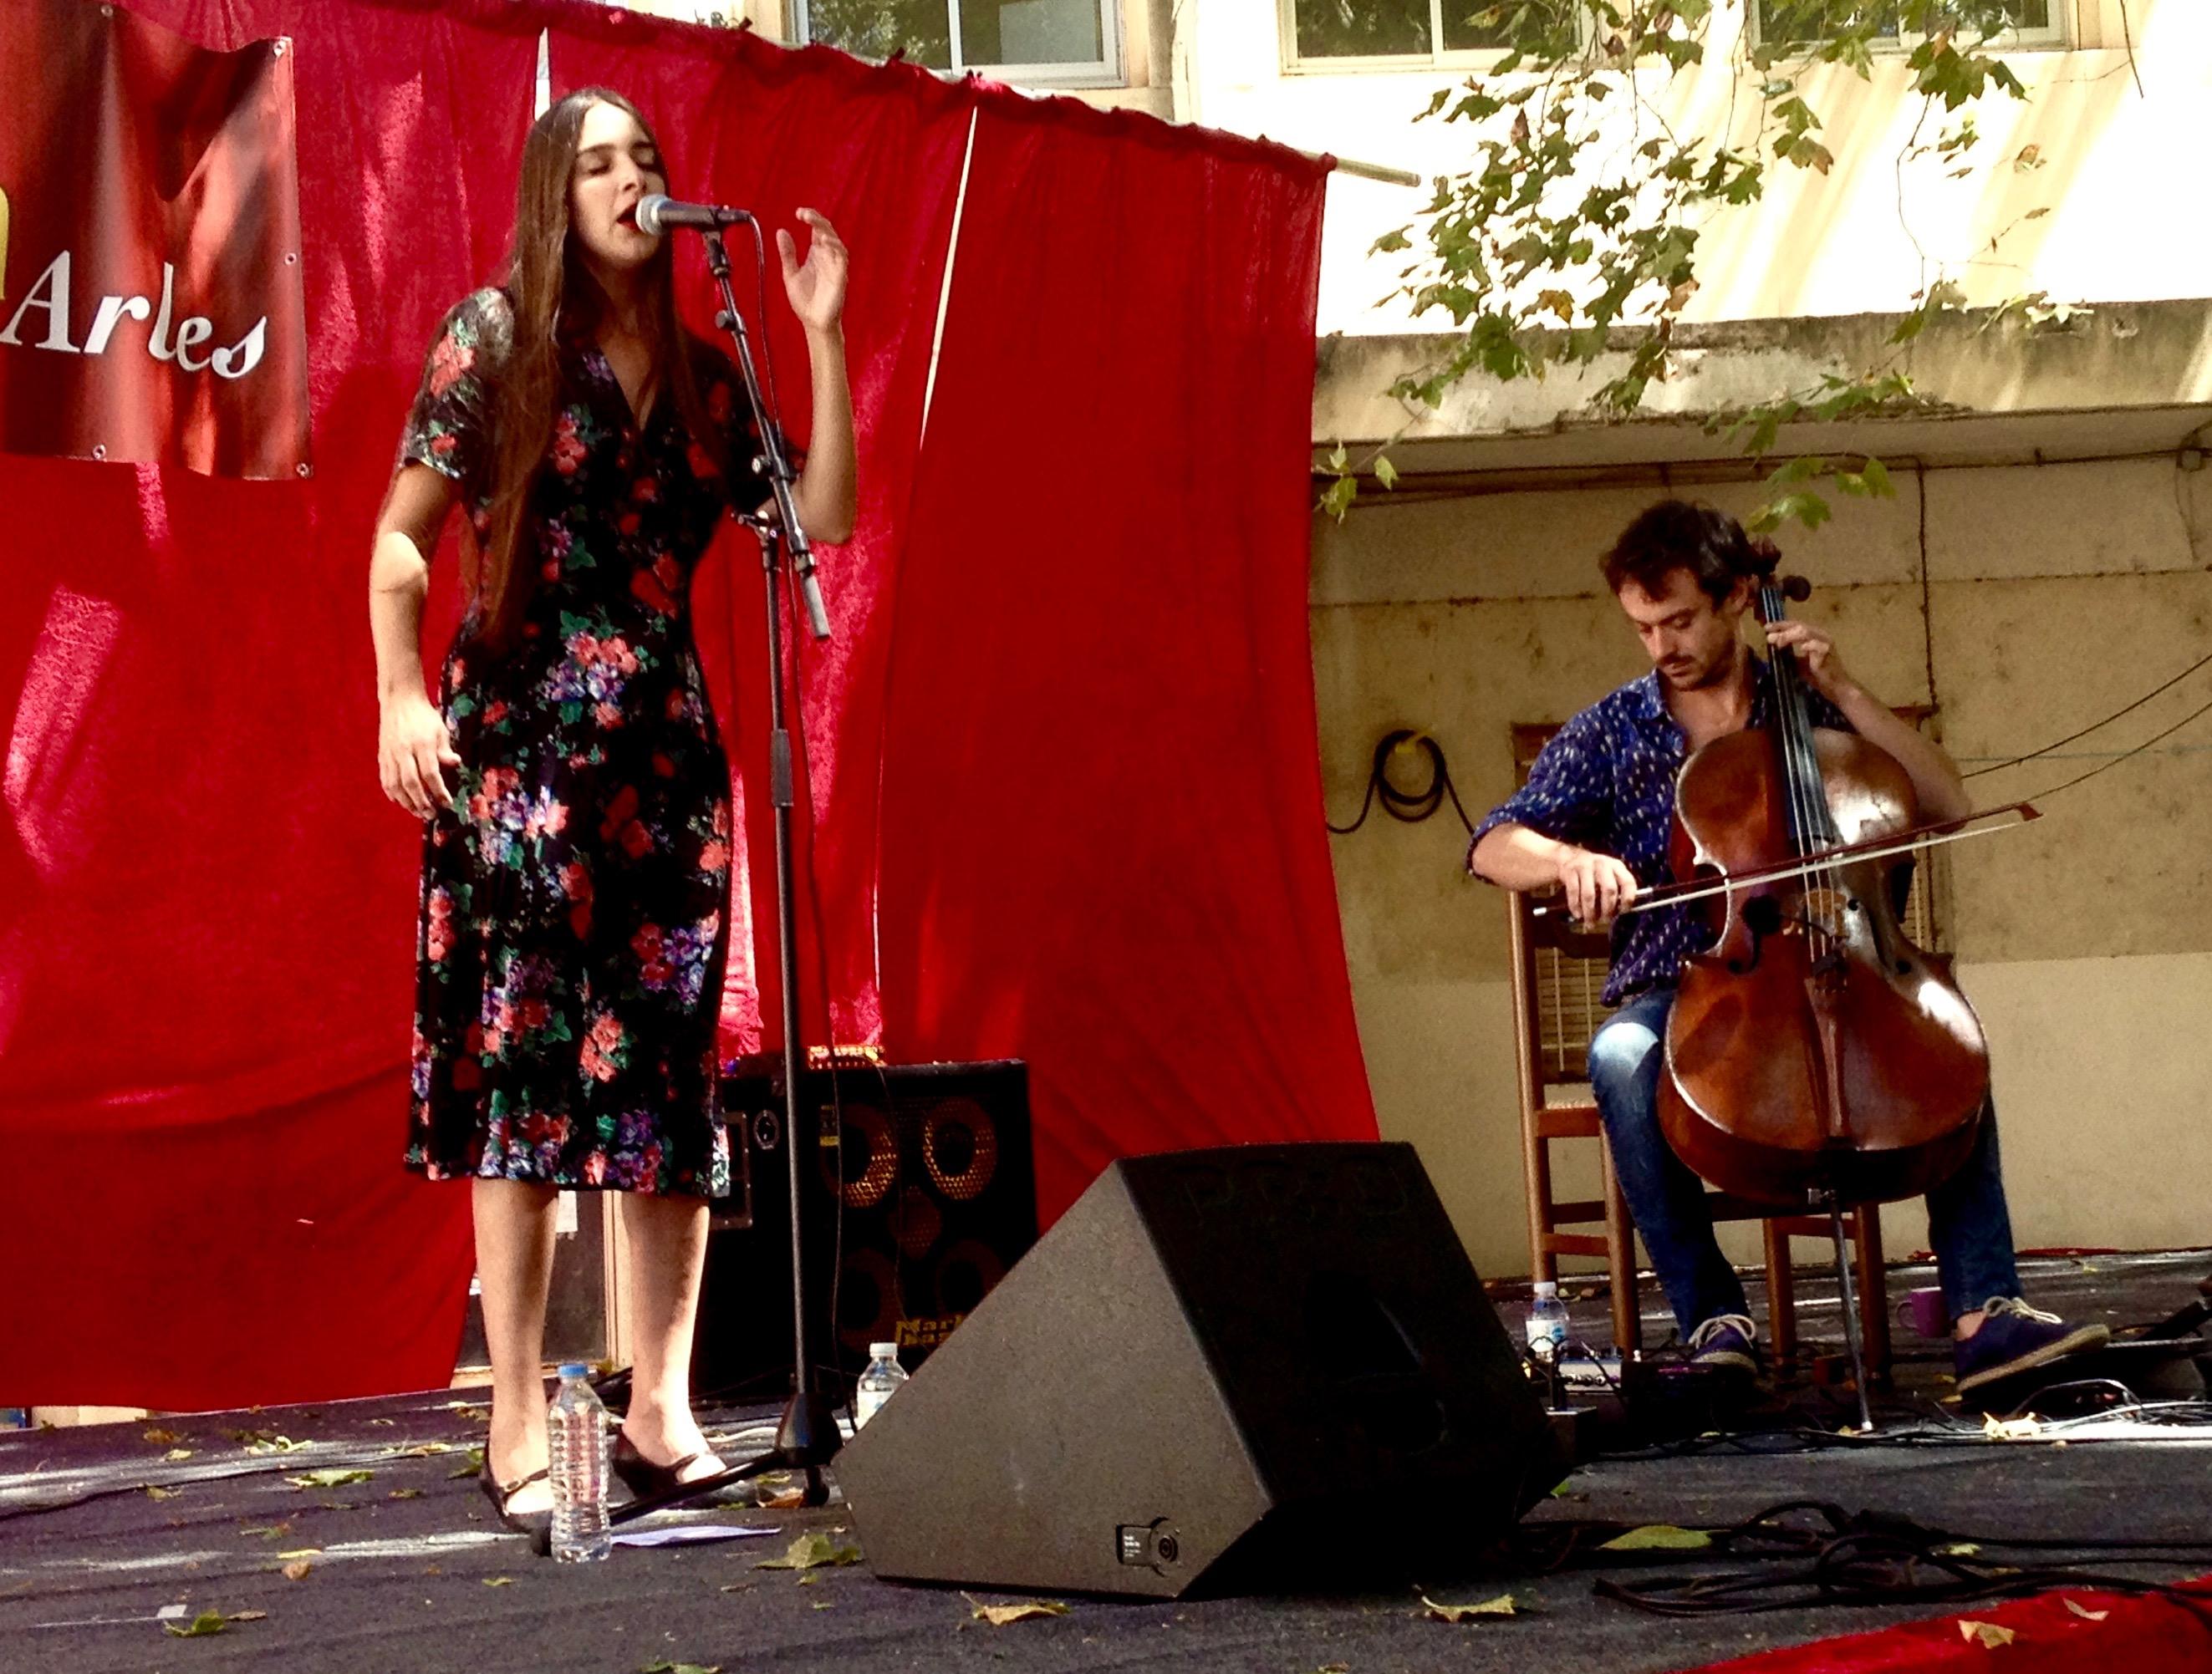 Marion Cousin & Gaspar Claus à Convivència, Arles, 15 juillet 2017 - © Tieri Briet